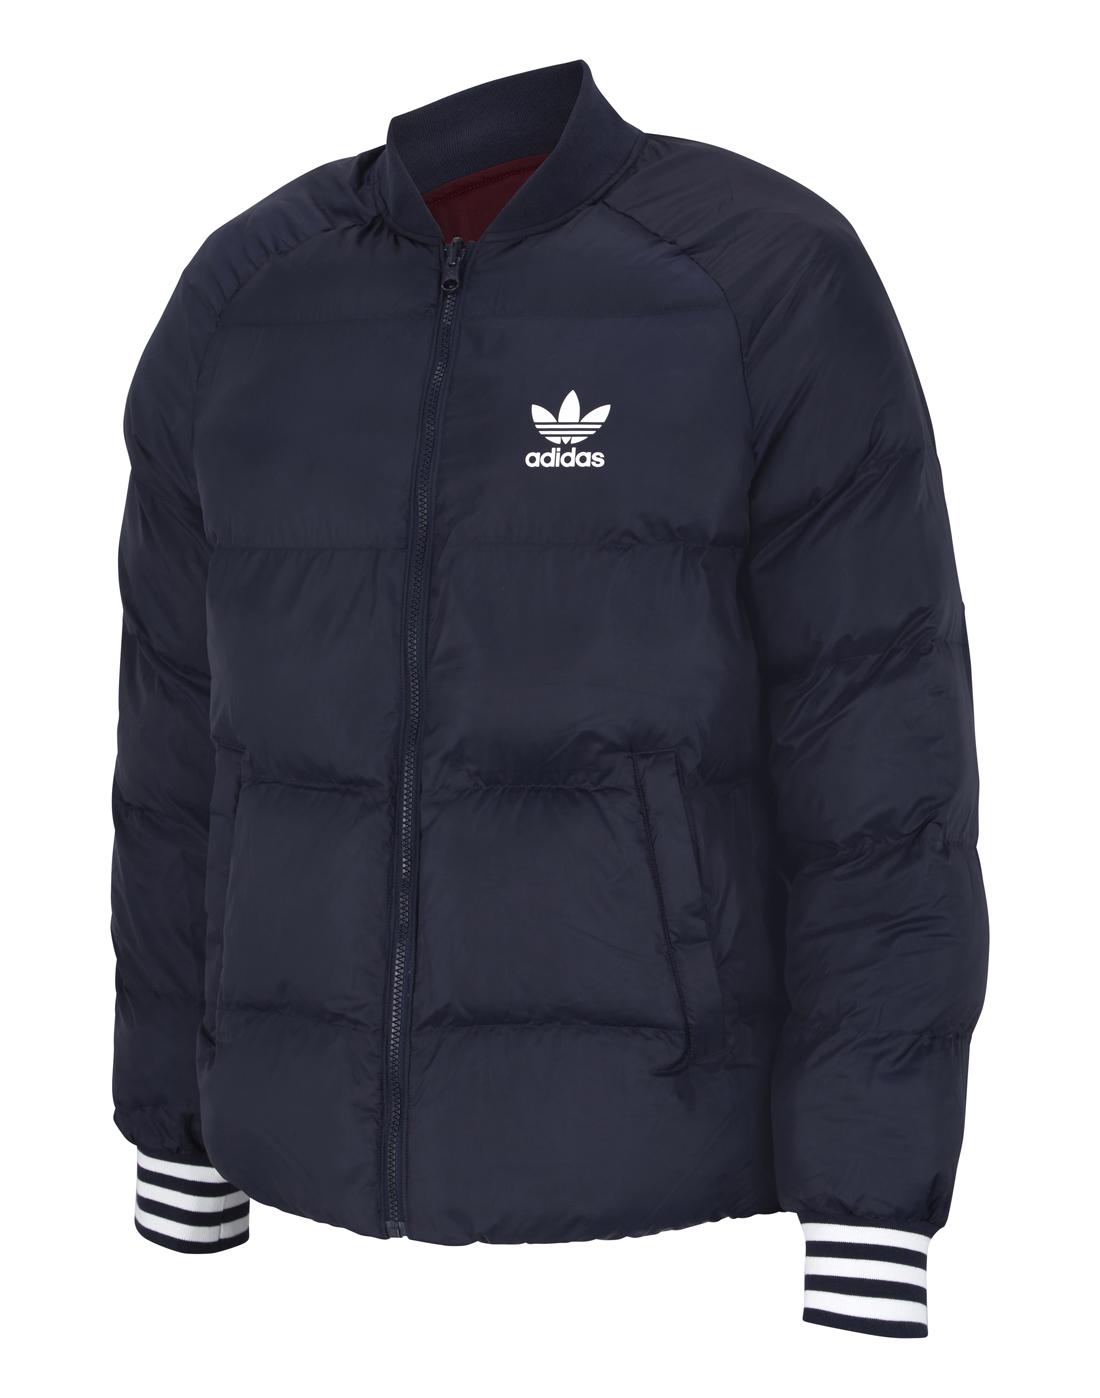 4b4d74c0e6c5 adidas Originals Mens Reversible Jacket